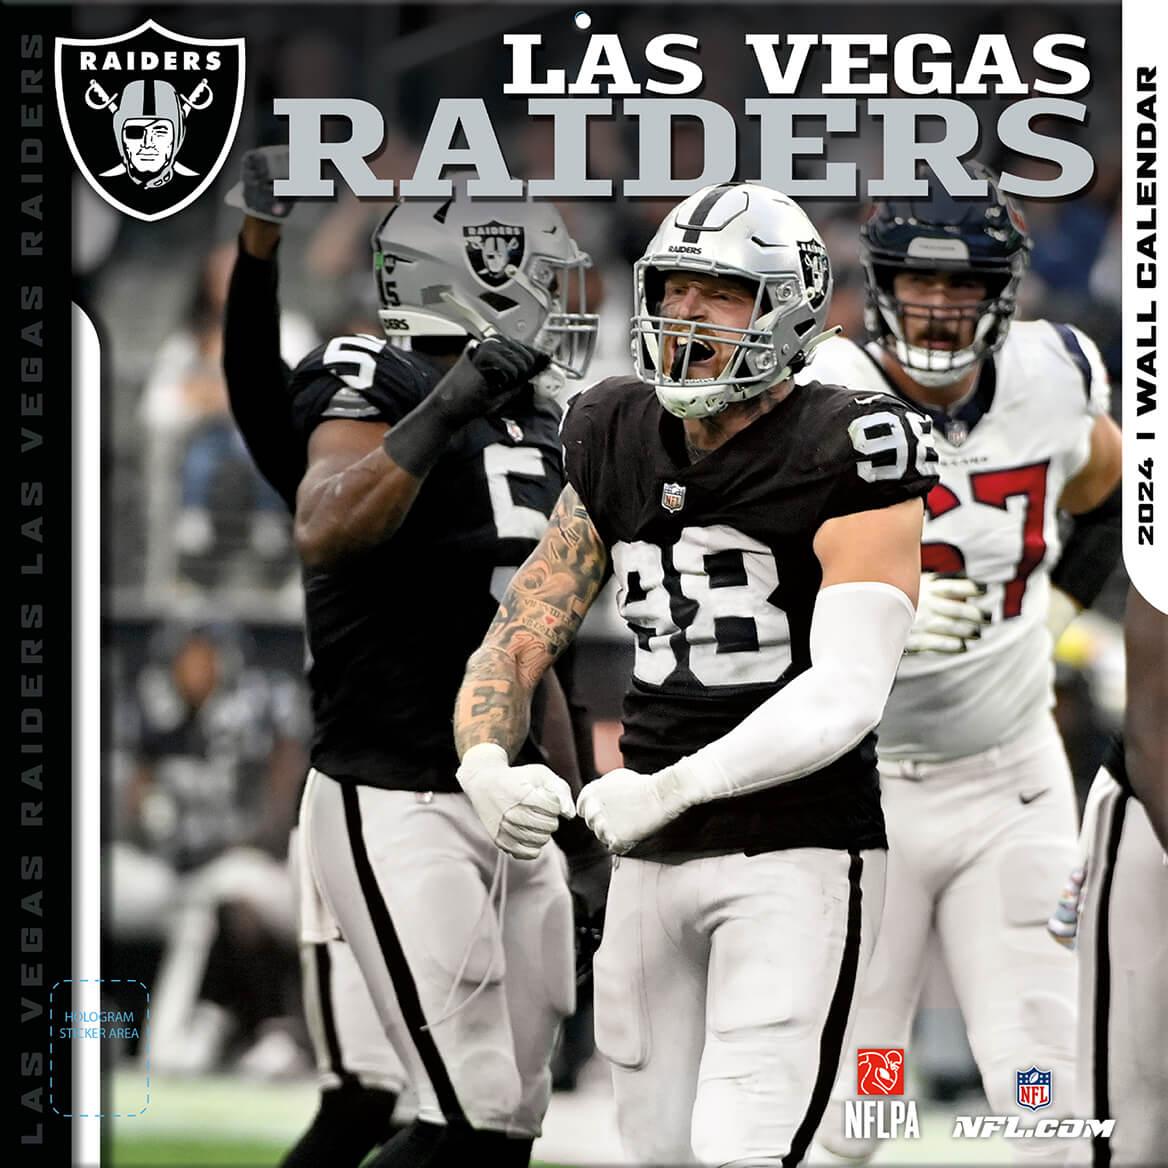 NFL Wall Calendar-330844